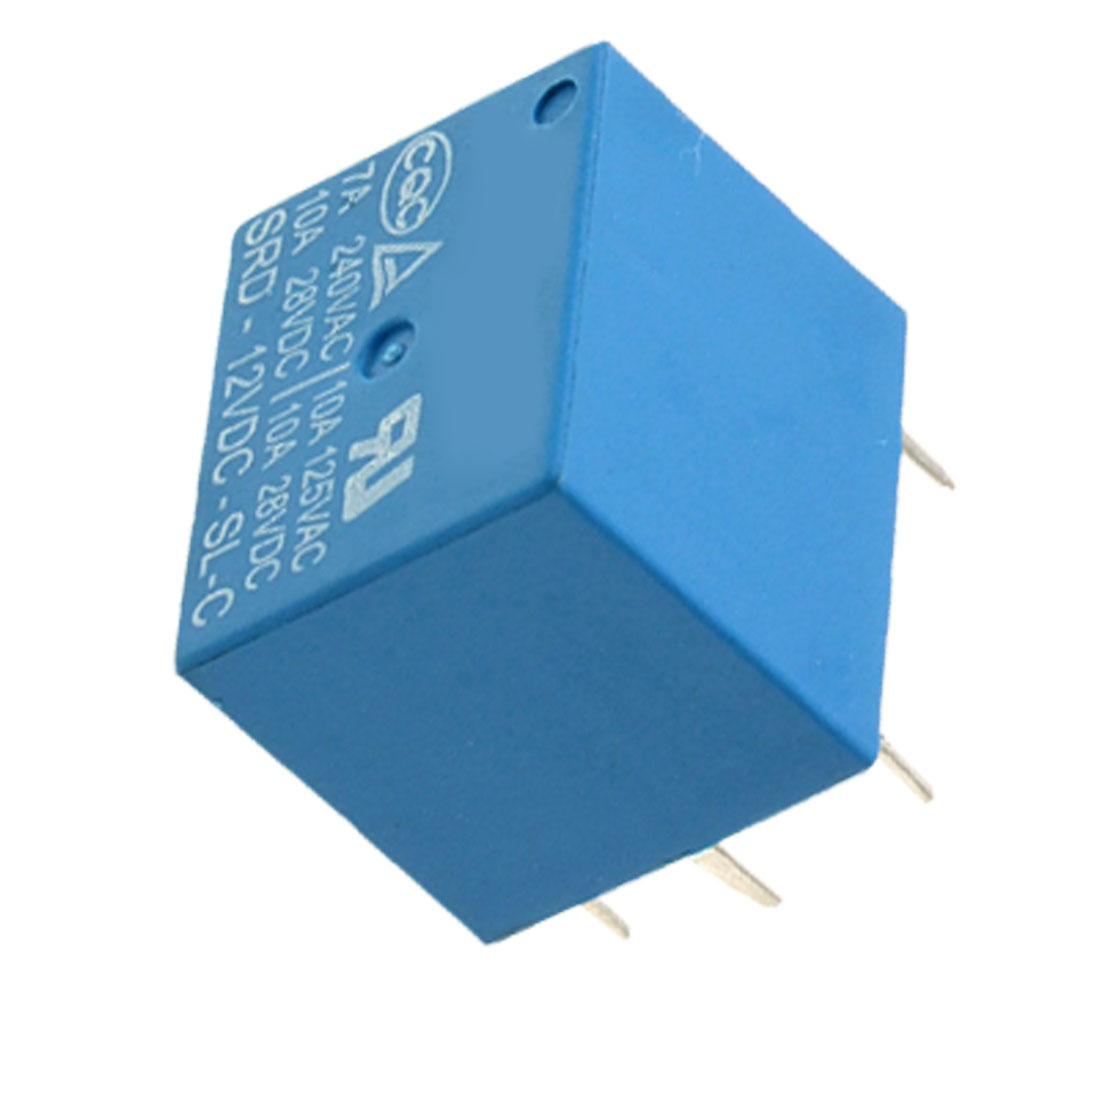 SRD-12VDC-SL-C SONGLE DC 12V SPDT 5 Pin Power Relay Blue